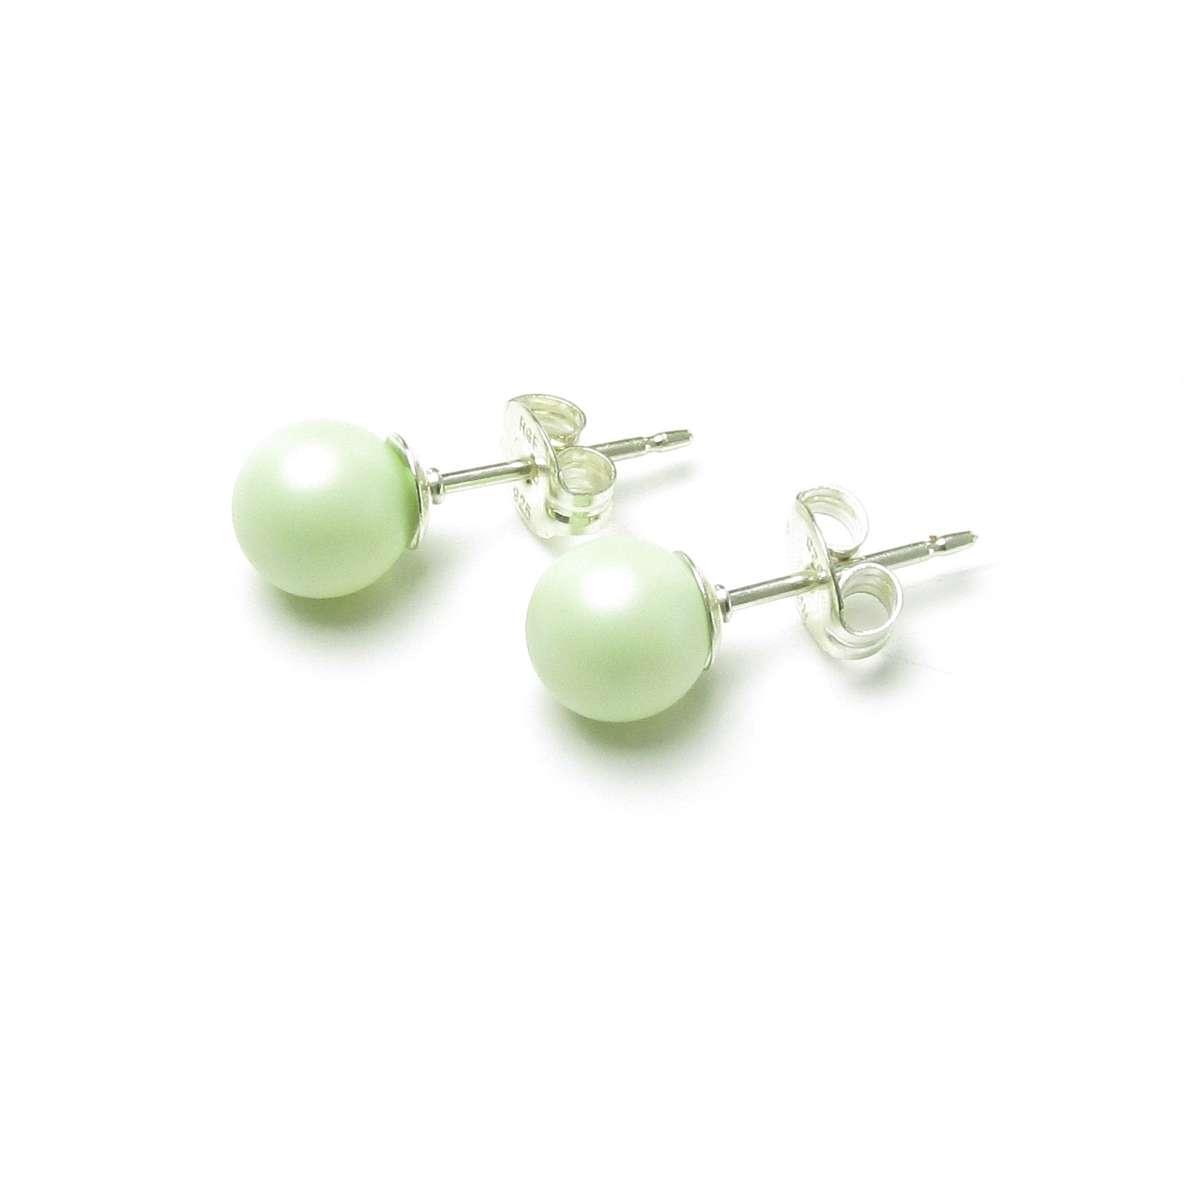 Maisie earrings, £20